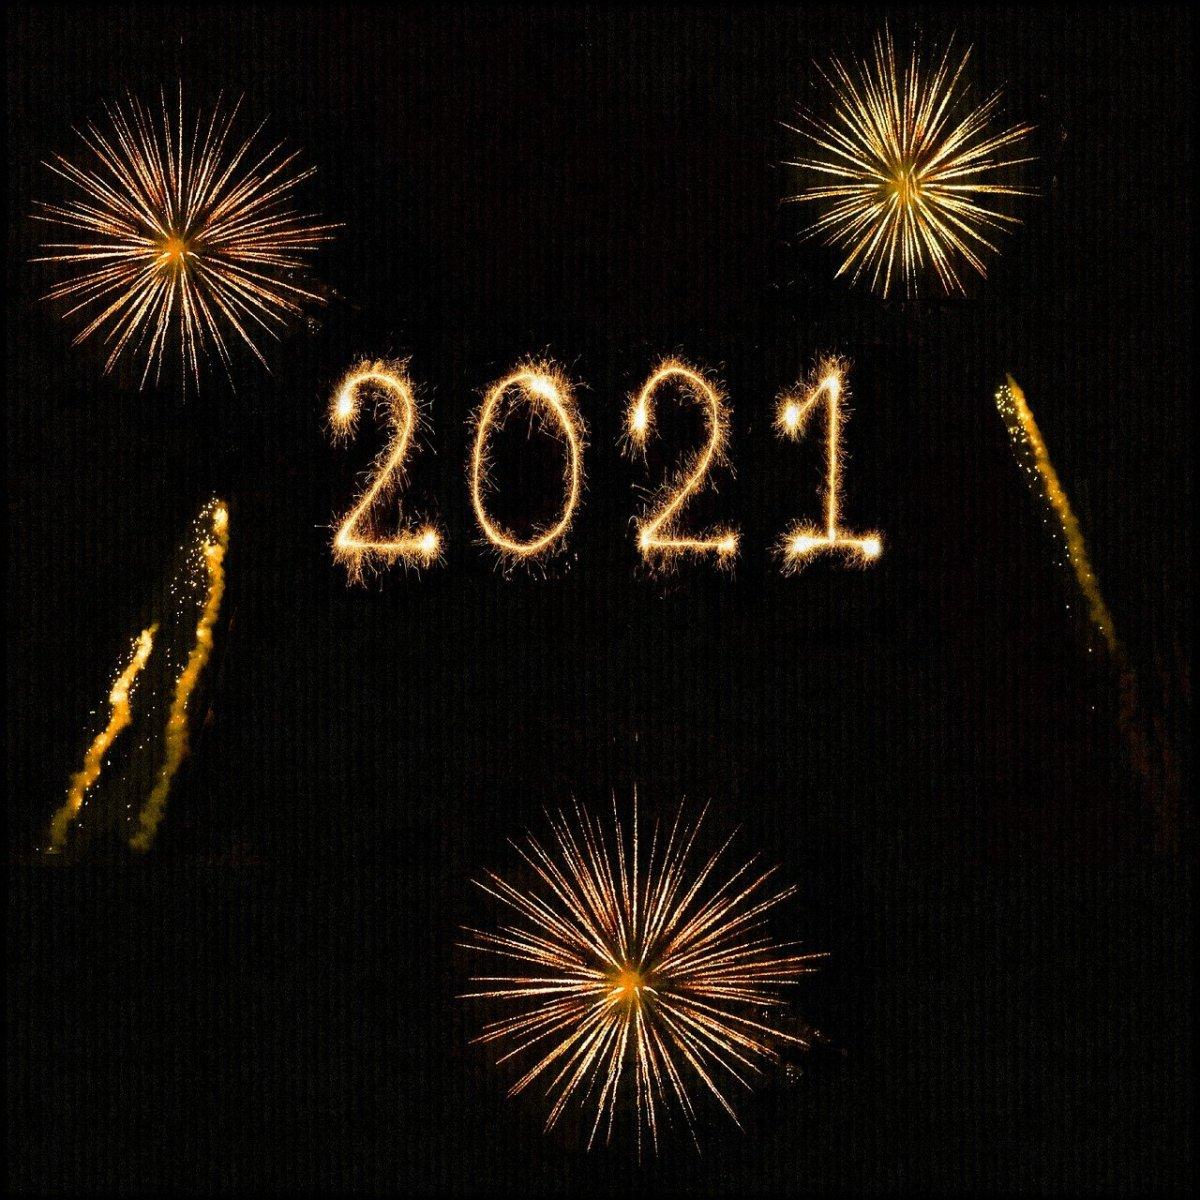 Bonne année :-)